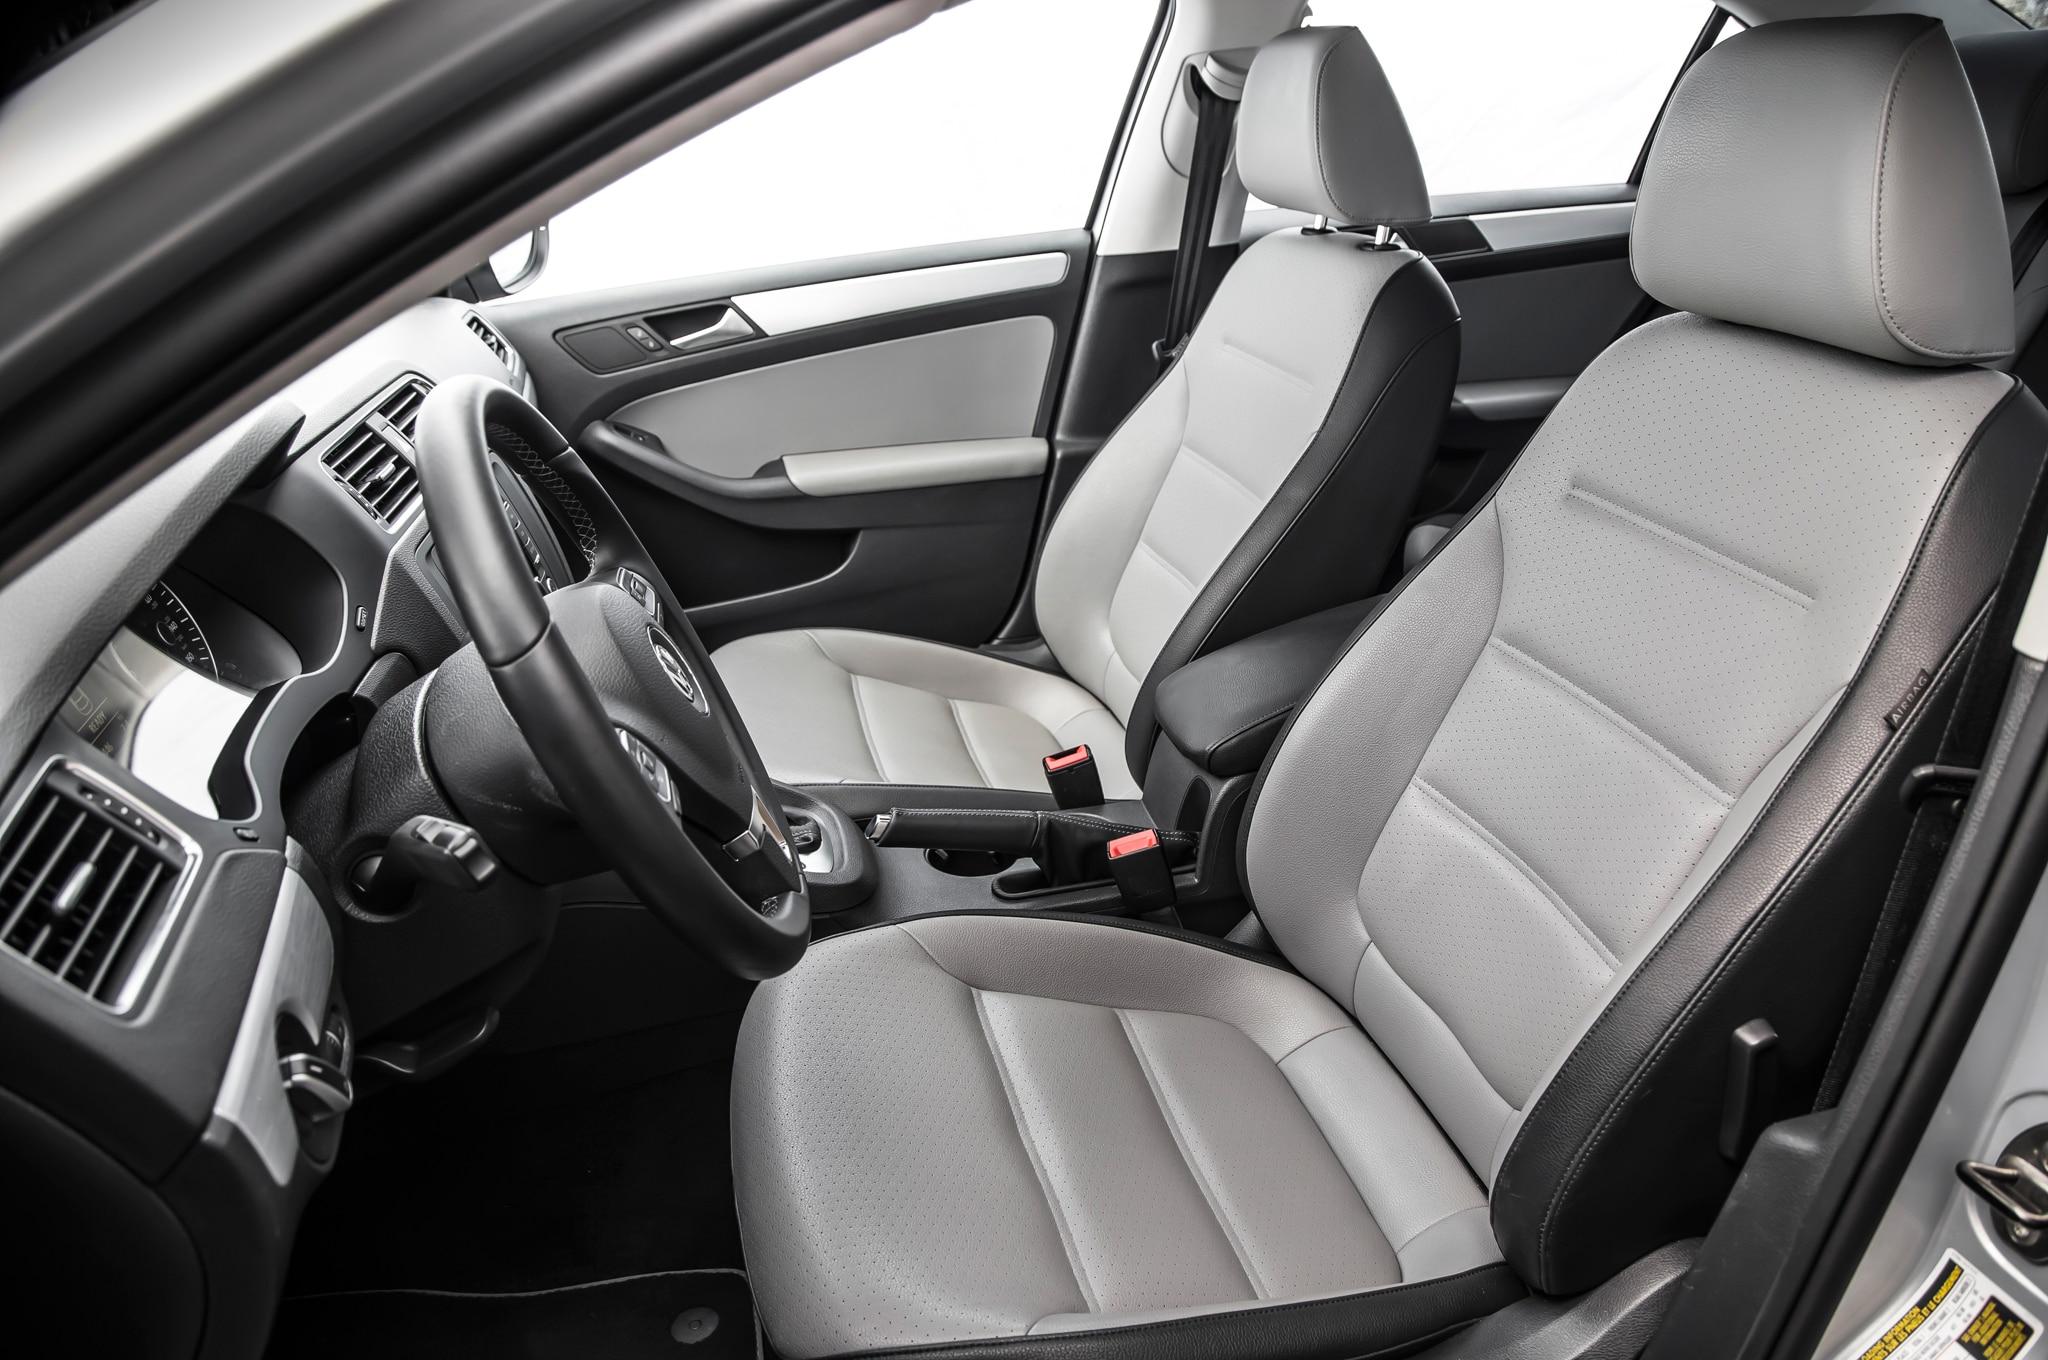 2013 volkswagen jetta hybrid pricing starts at 25 790. Black Bedroom Furniture Sets. Home Design Ideas